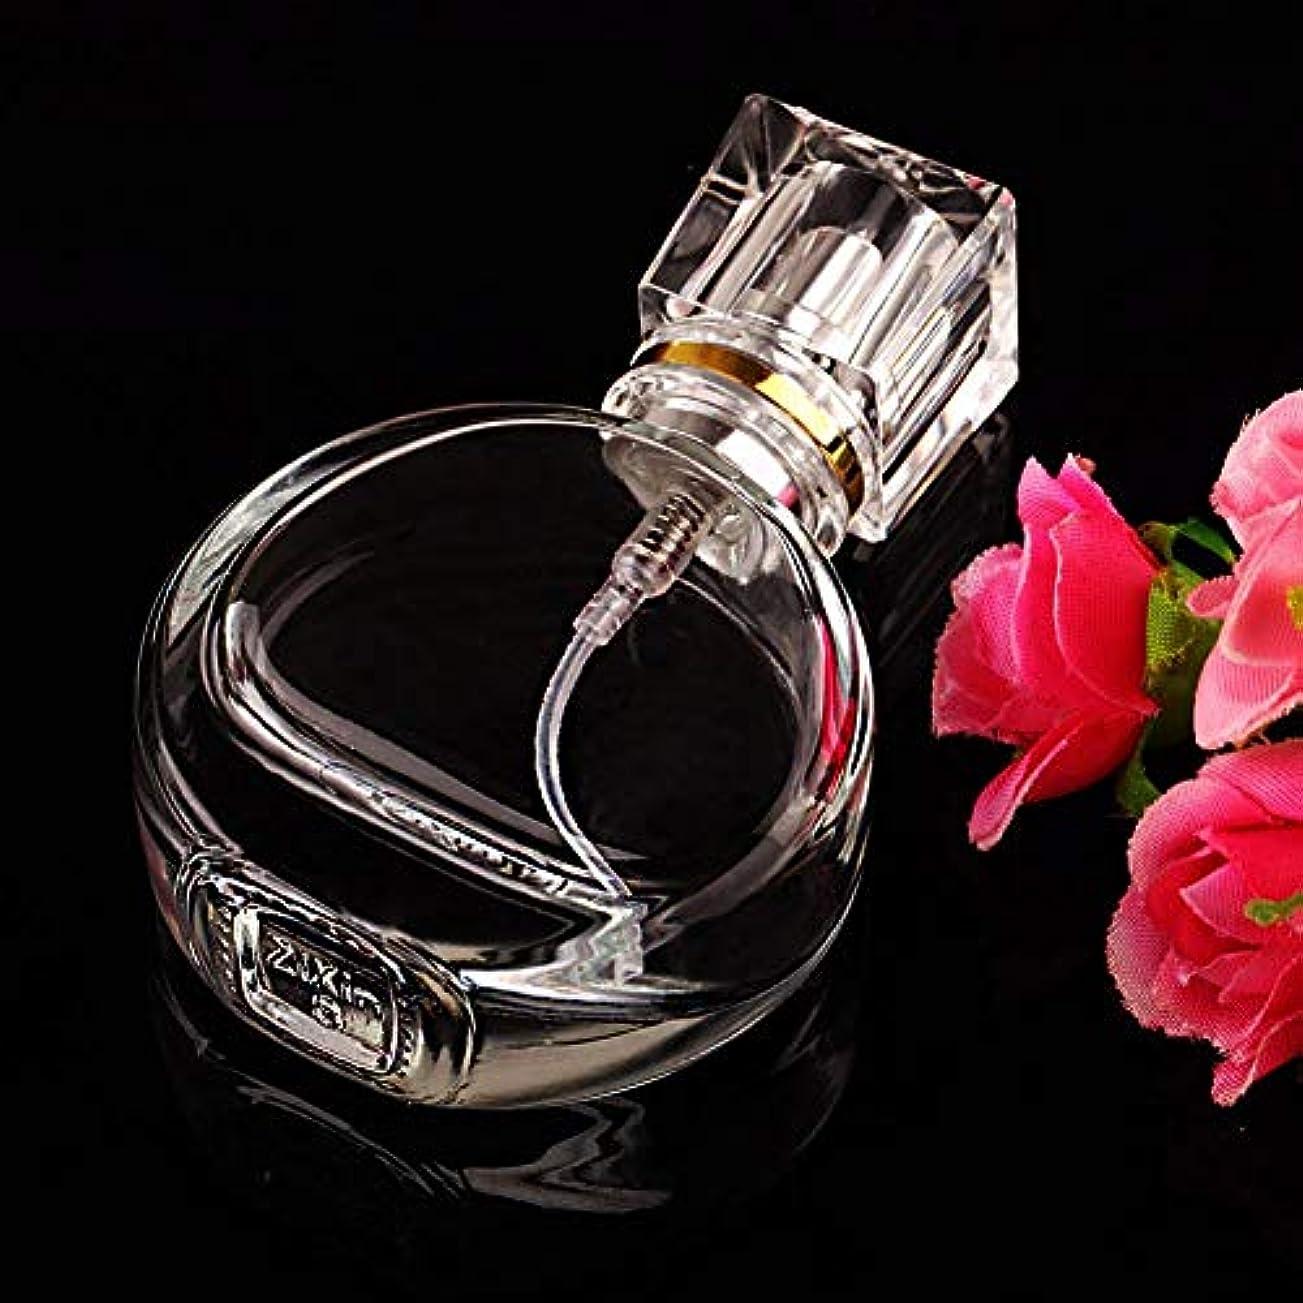 徹底的に植物の洞察力VERY100 高品質ガラスボトル 香水瓶  アトマイザー  25ML 透明 シンプルデザイン ホーム飾り 装飾雑貨